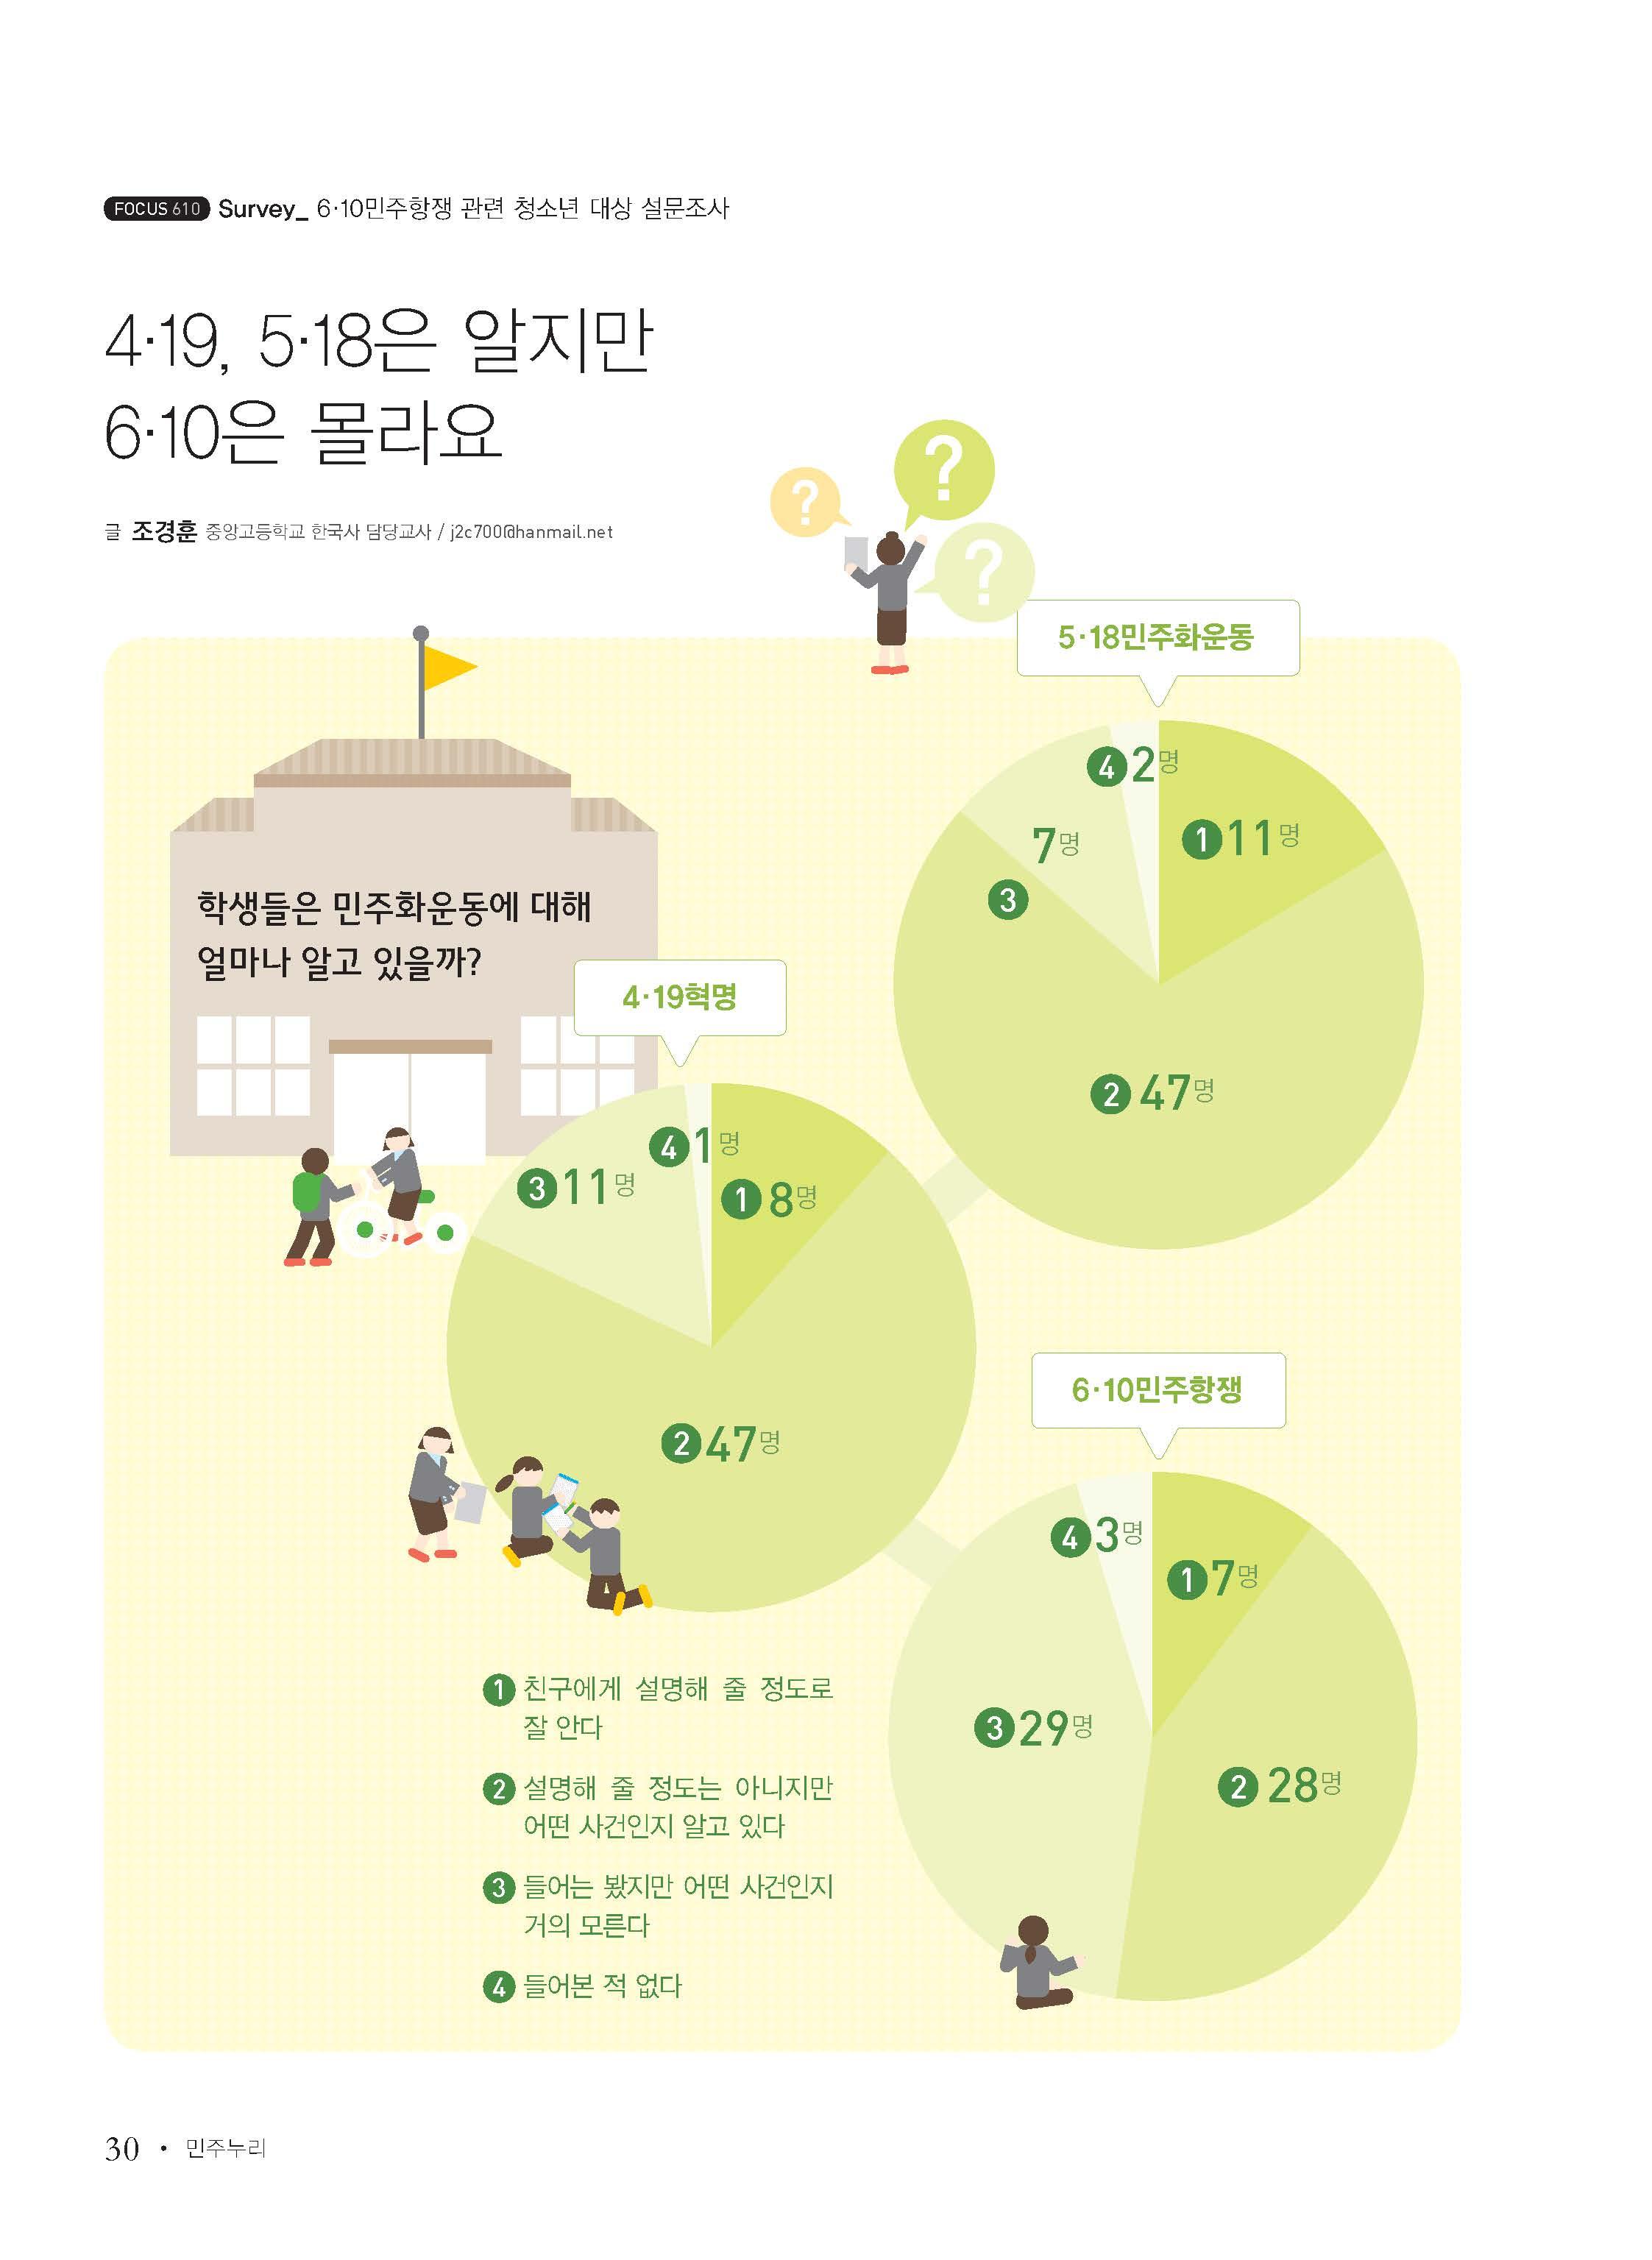 [Survey] 6.10민주항쟁 관련 청소년 대상 설문조사 -  4.19, 5.18은 알지만 6.10은 몰라요